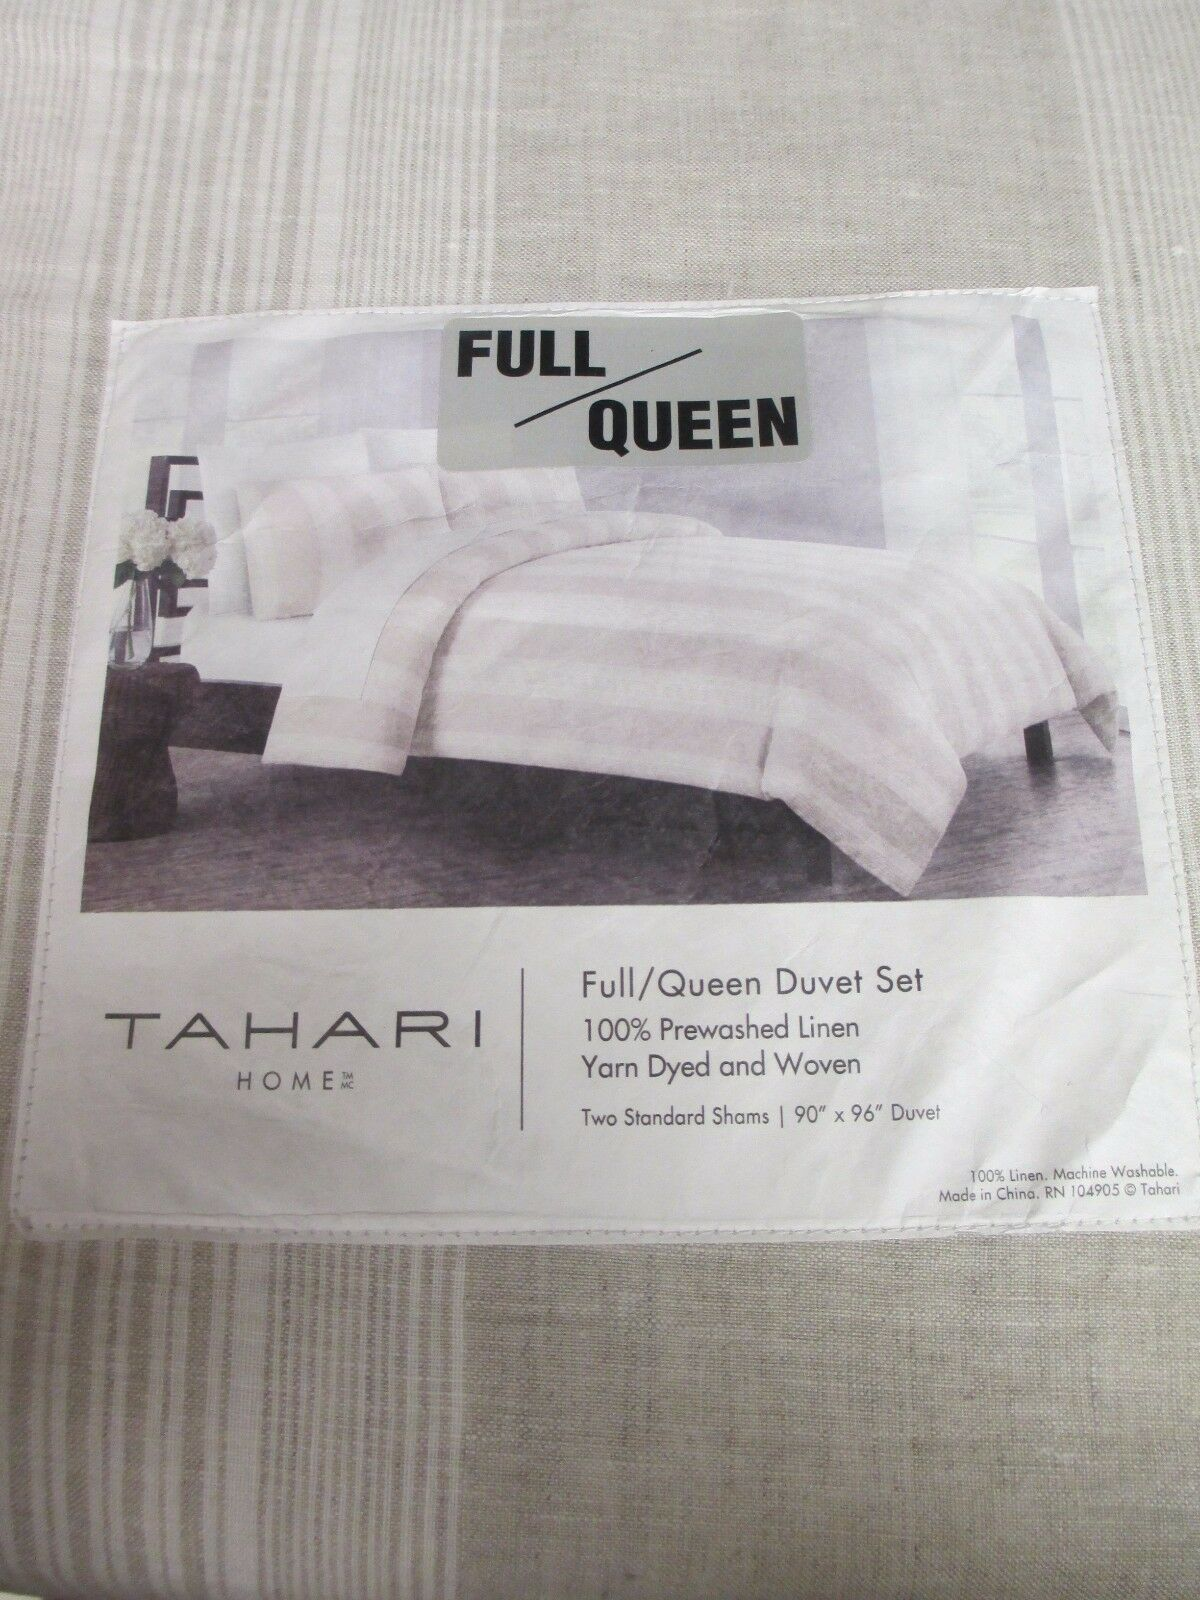 New TAHARI 100% Prewashed Linen Beige Tan Ivory Striped Duvet Set - Full Königin